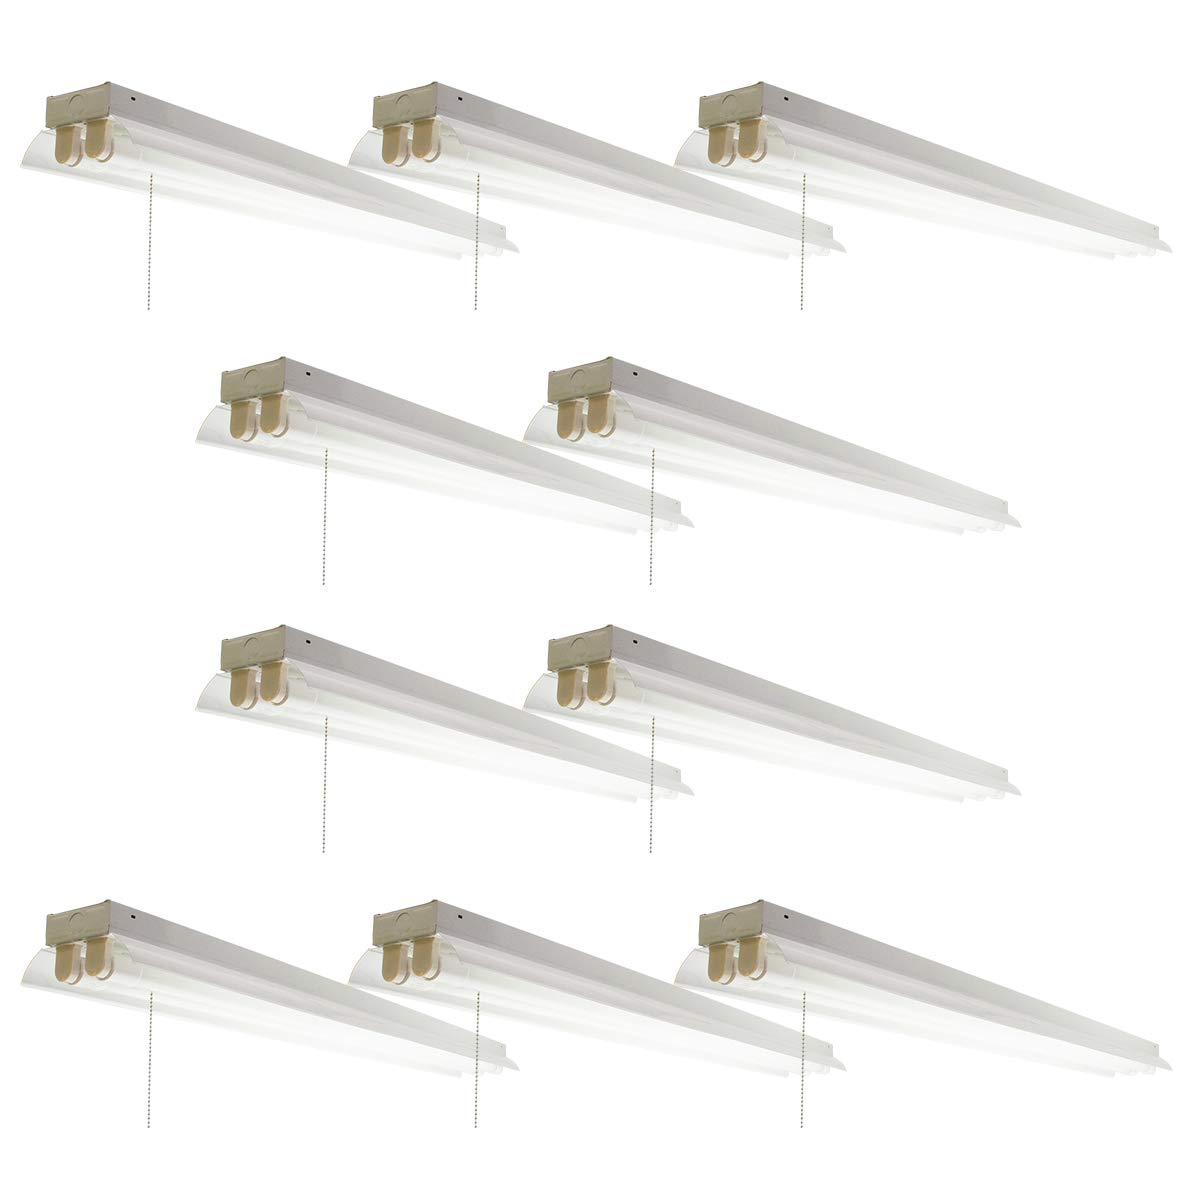 LED蛍光灯専用40形x2灯器具(LED蛍光灯付属) チェーンスイッチあり (10セット) チェーンスイッチあり  B07HNC99GH